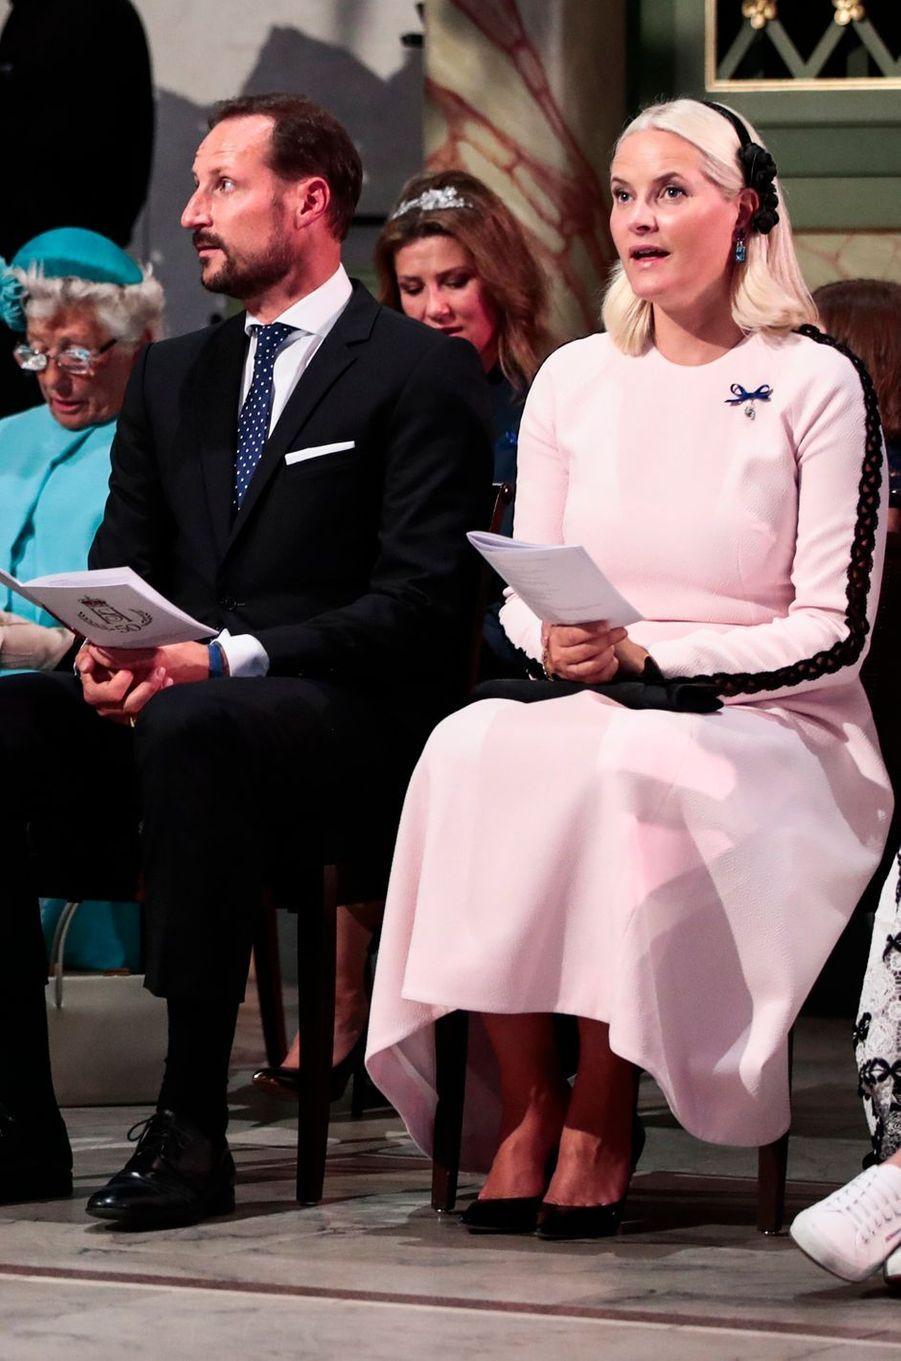 La princesse Mette-Marit et le prince Haakon de Norvège à Oslo, le 29 août 2018